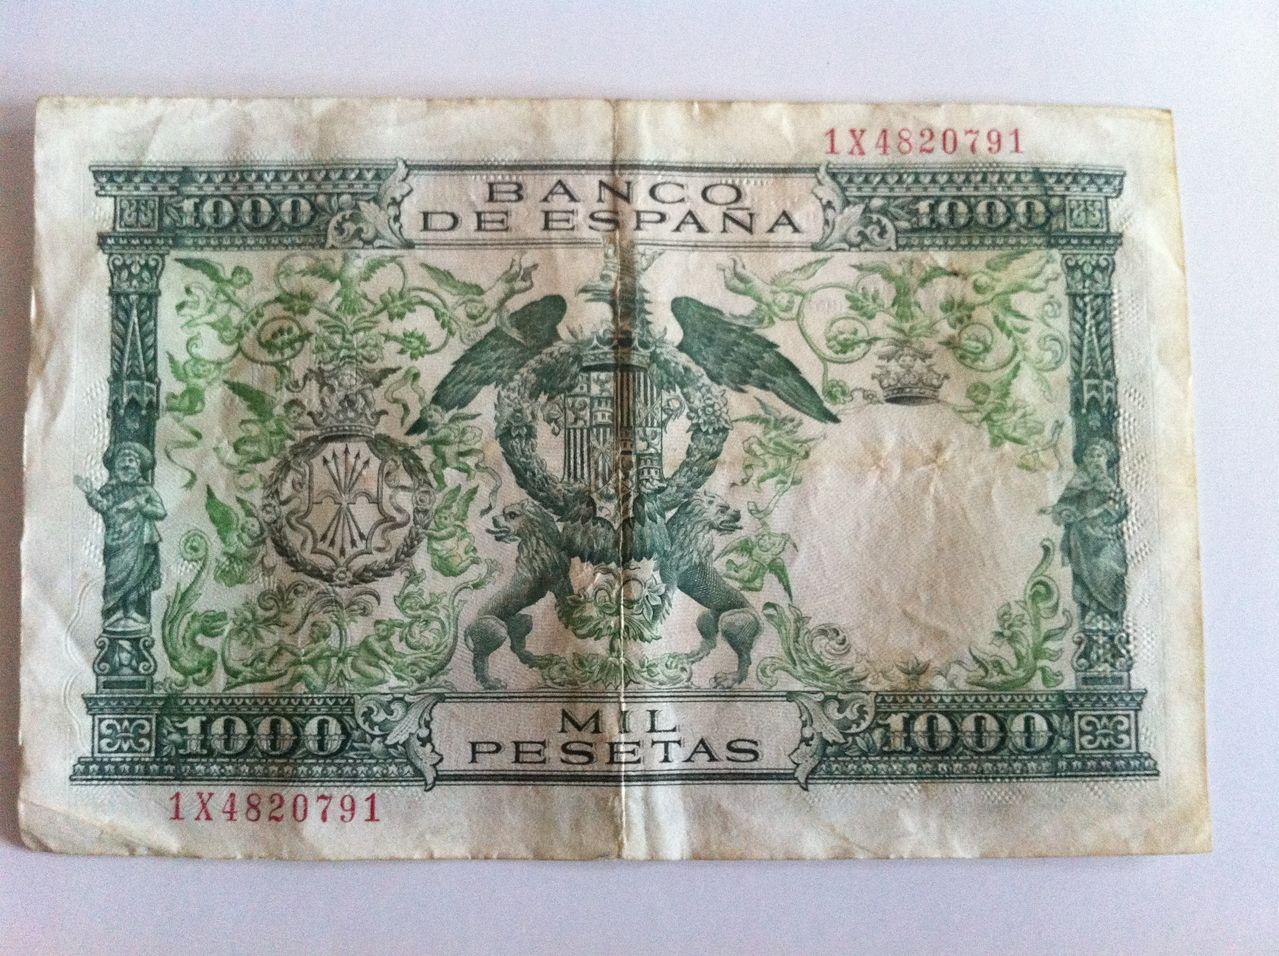 Ayuda para valorar coleccion de billetes IMG_4968